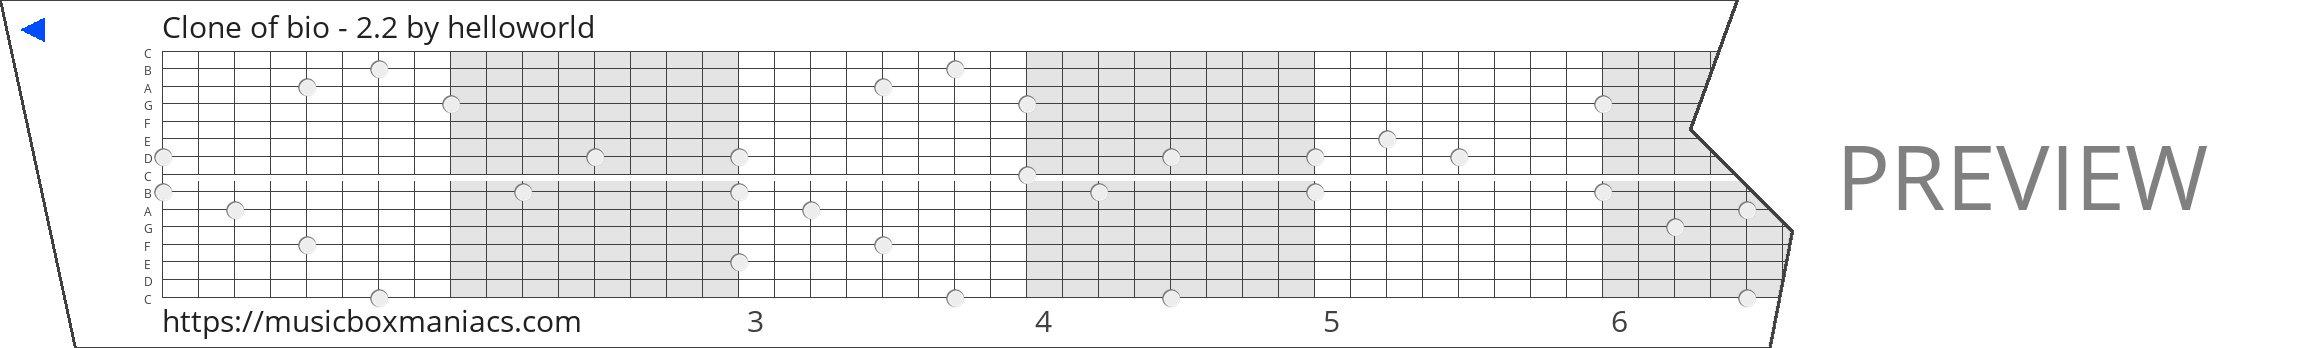 Clone of bio - 2.2 15 note music box paper strip